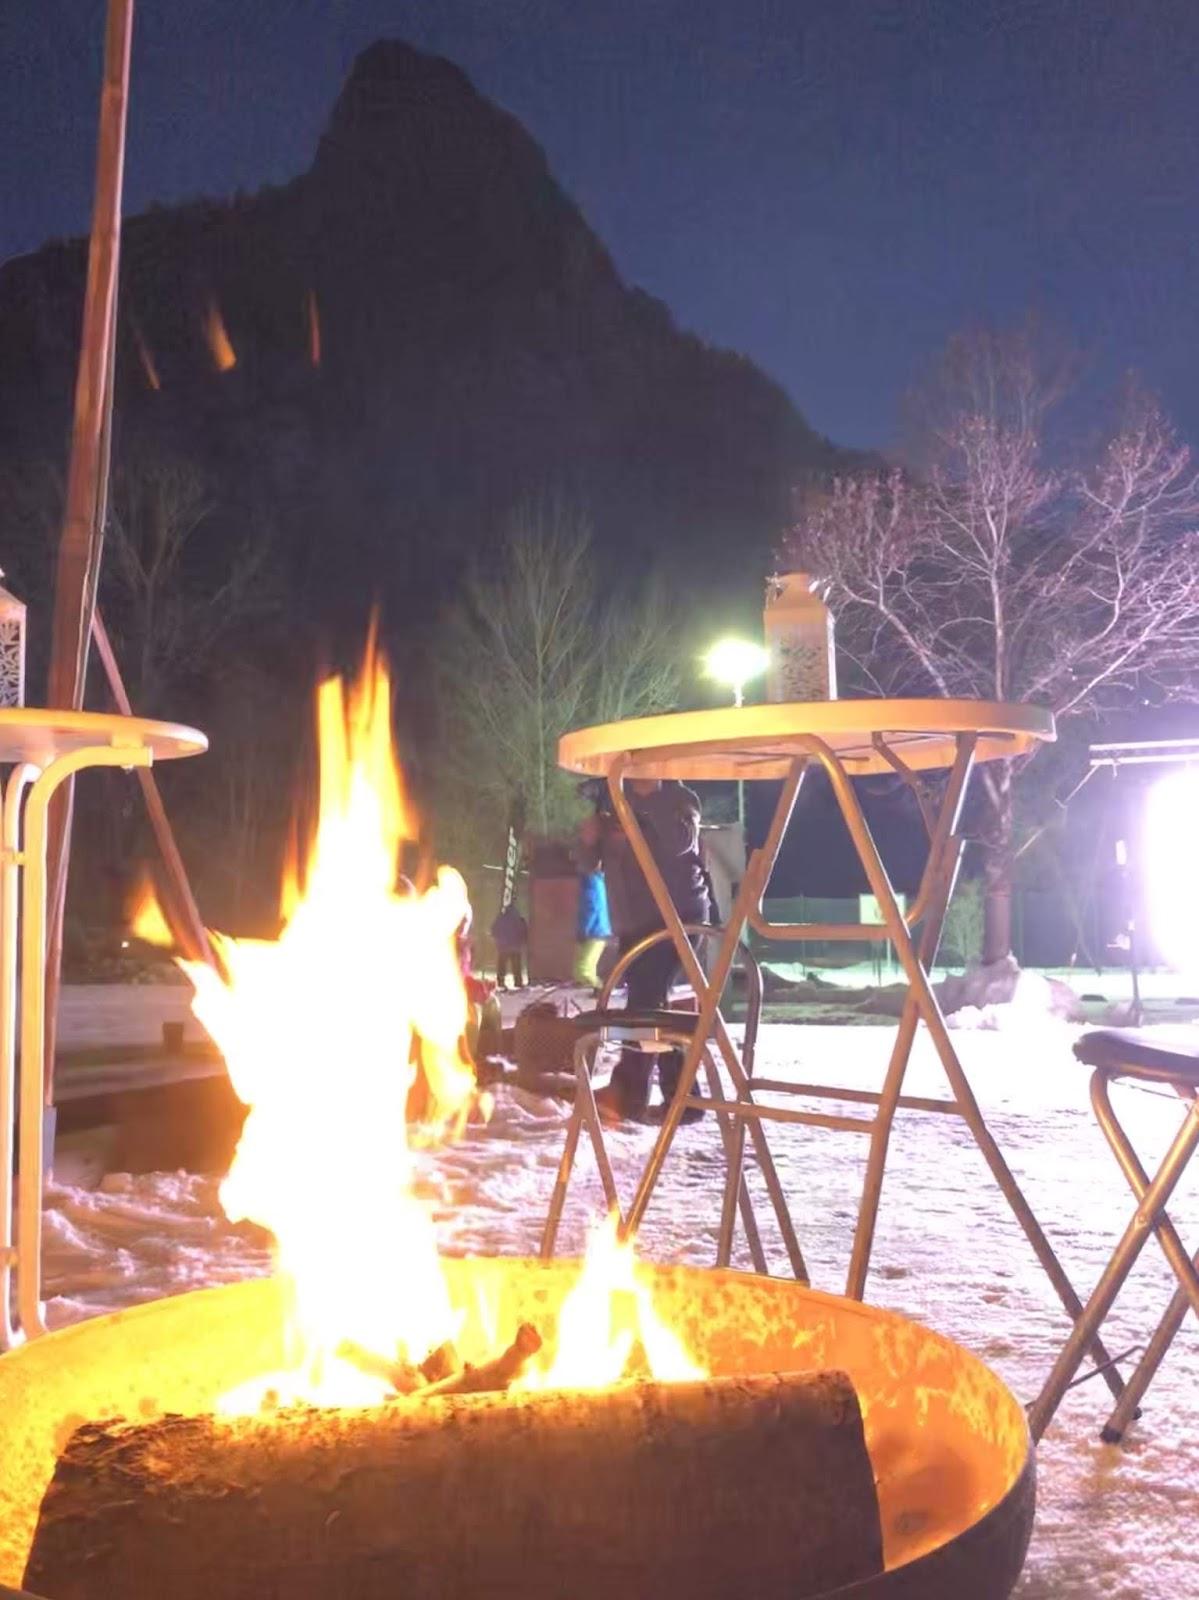 Feuerschale in den Ammergauer Alpen, 4 Gin and Drinks, Horseboxbar, Event-Bar, mobile Bar, Bayern, Garmisch-Partenkirchen, Gin-Bar, Oberammergau, König-Ludwig-Lauf by Uschi Glas 4 weddings and events